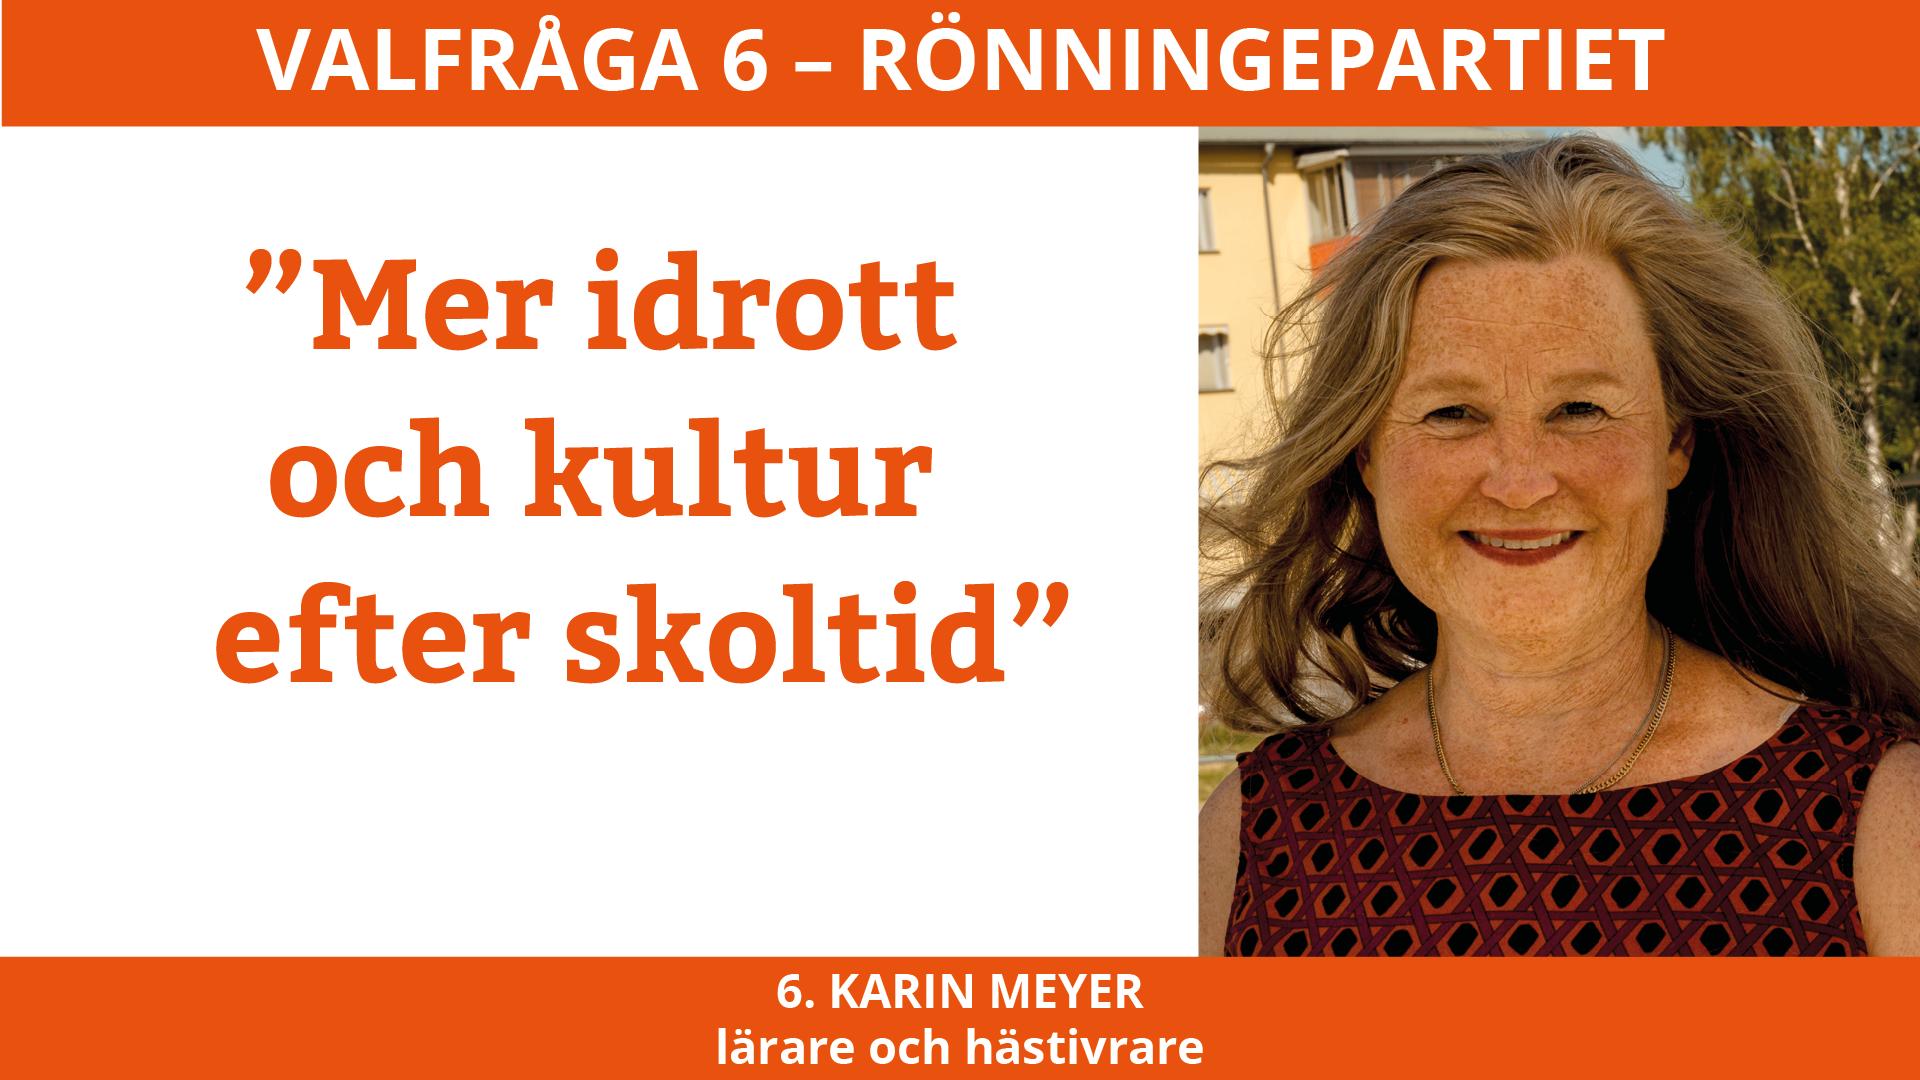 Valfråga 6 – Karin Meyer Rönningepartiet